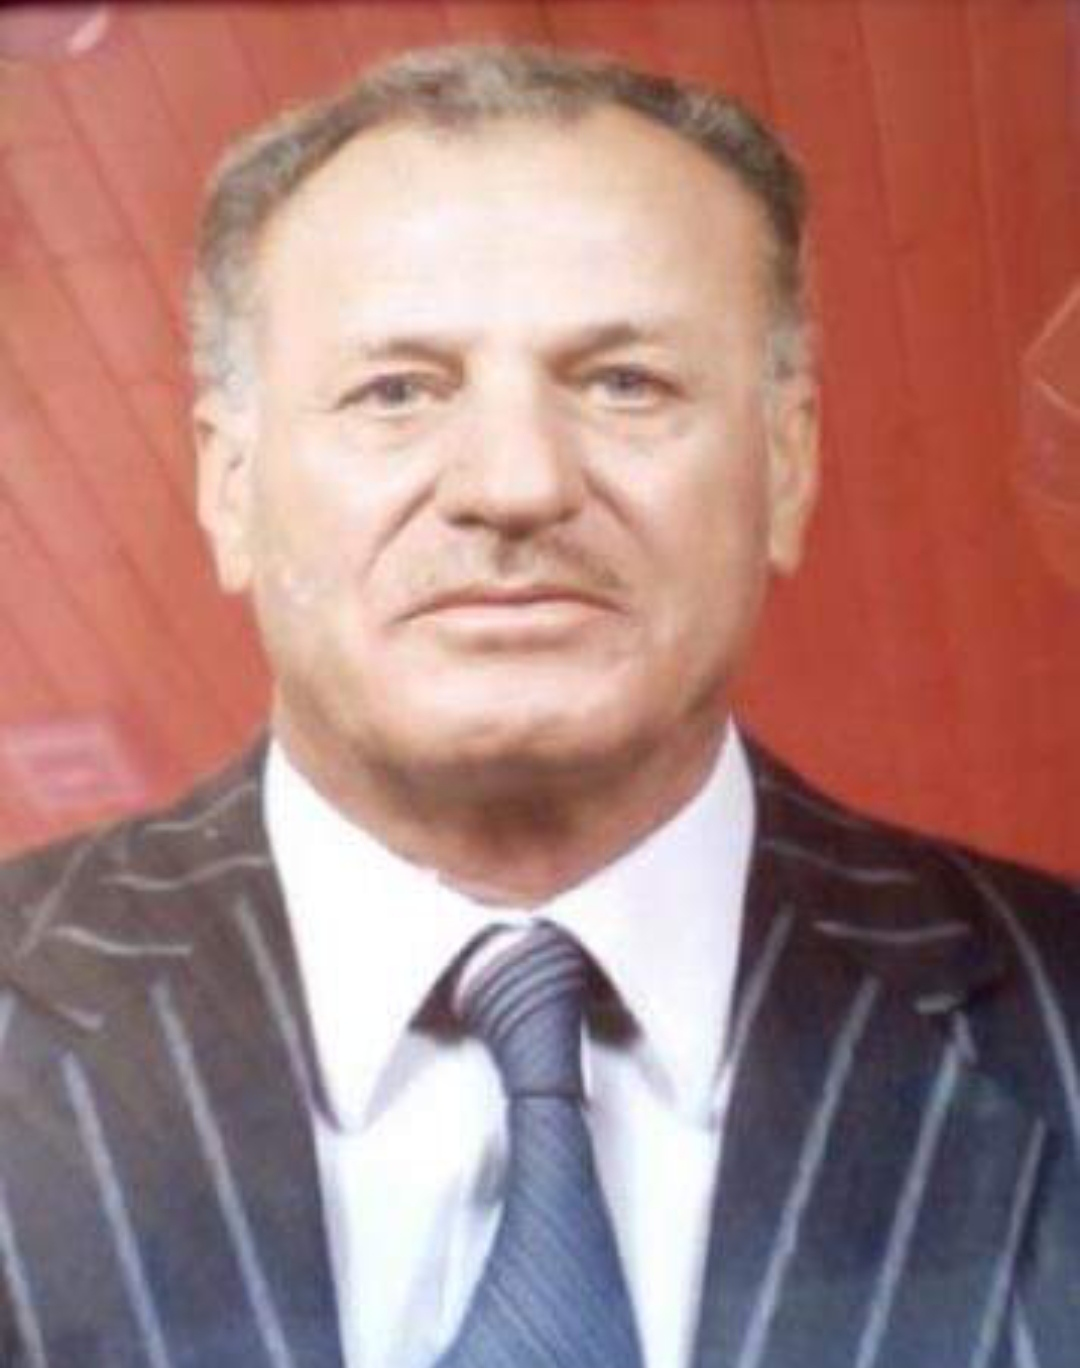 في وداع ابي .. الذكرى الثانية عشر لوفاه والدي المرحوم عبدالله درويش ابوسير